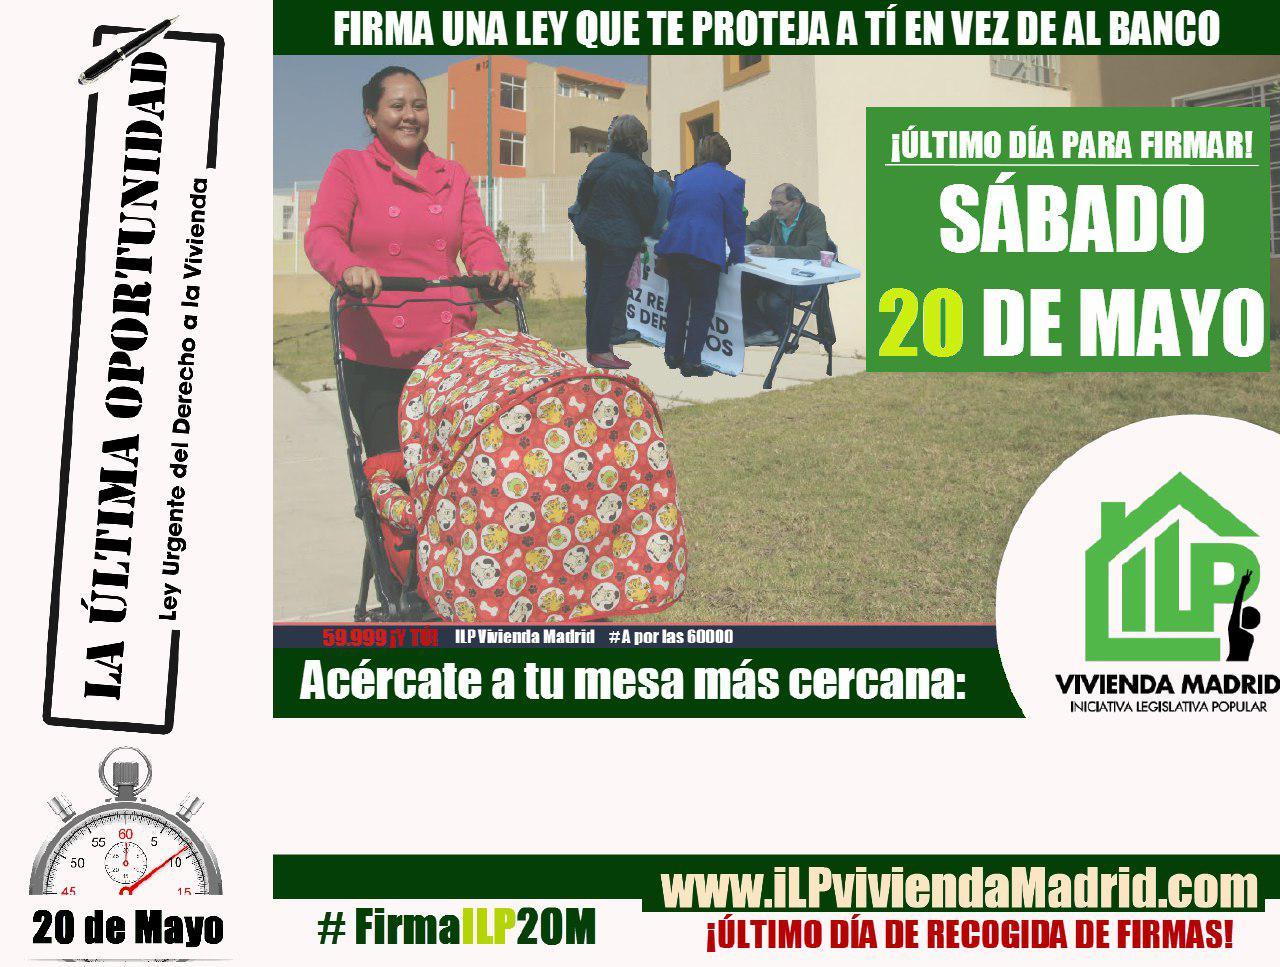 20-M: segunda y última gran jornada de recogida de firmas de la ILP de vivienda